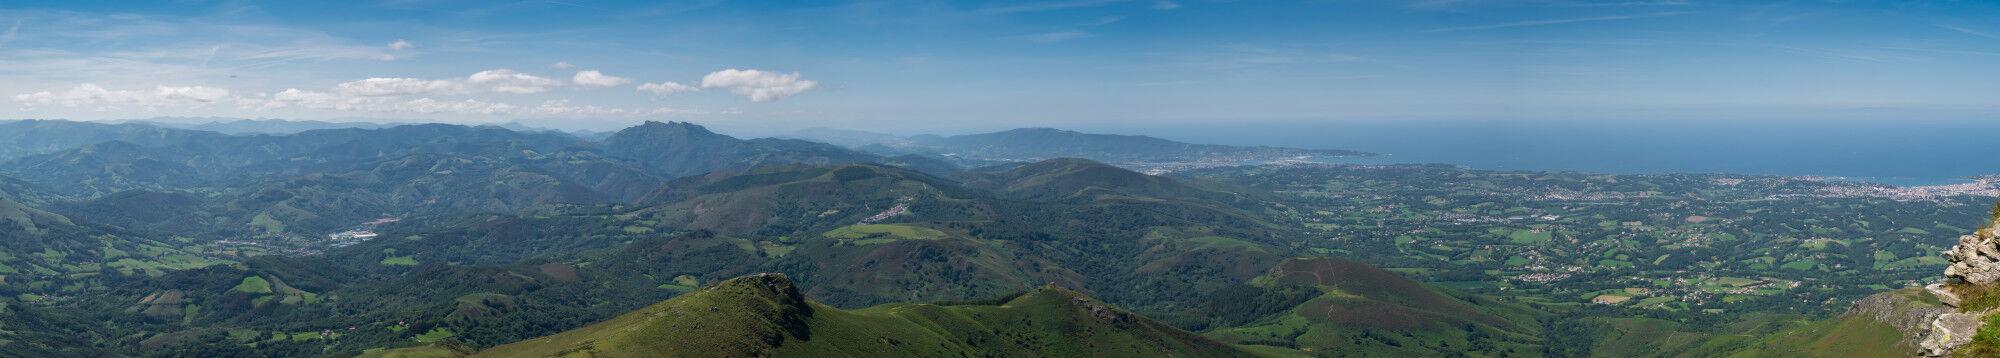 Panoramique du sommet de La Rhune (Larrun en basque), France - Pays Basque, France & Espagne